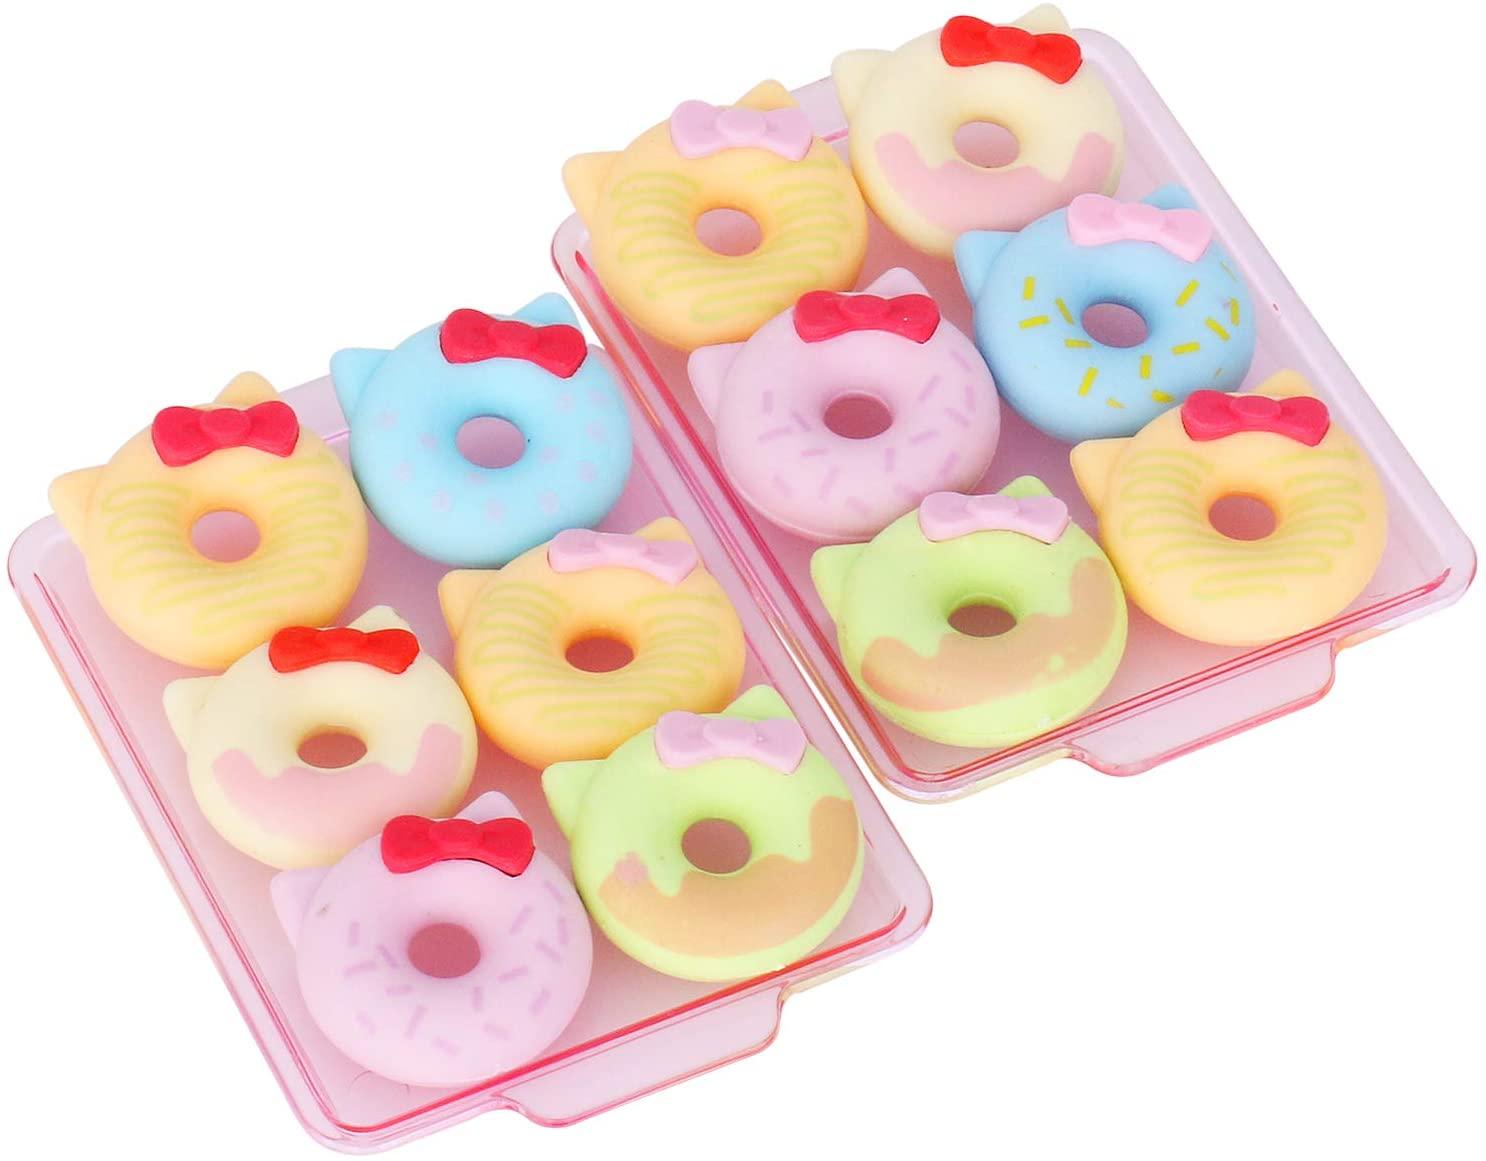 Cute Doughnut Pencil Erasers for Kids, 12 pcs